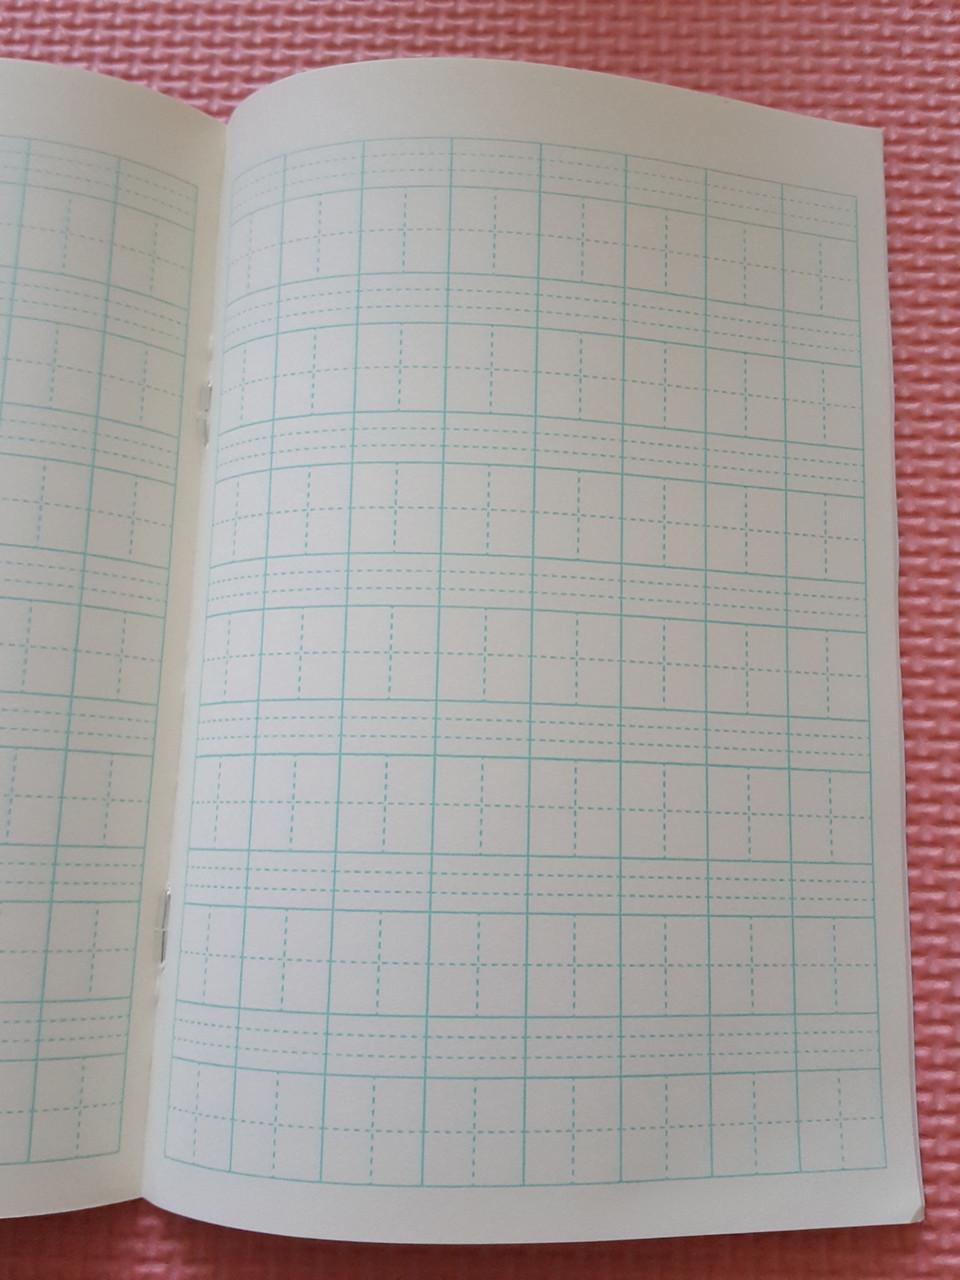 Тетрадь для написания иероглифов. Клетка 14 мм с пунктиром и расширенным полем для пиньинь. 2016 клеток